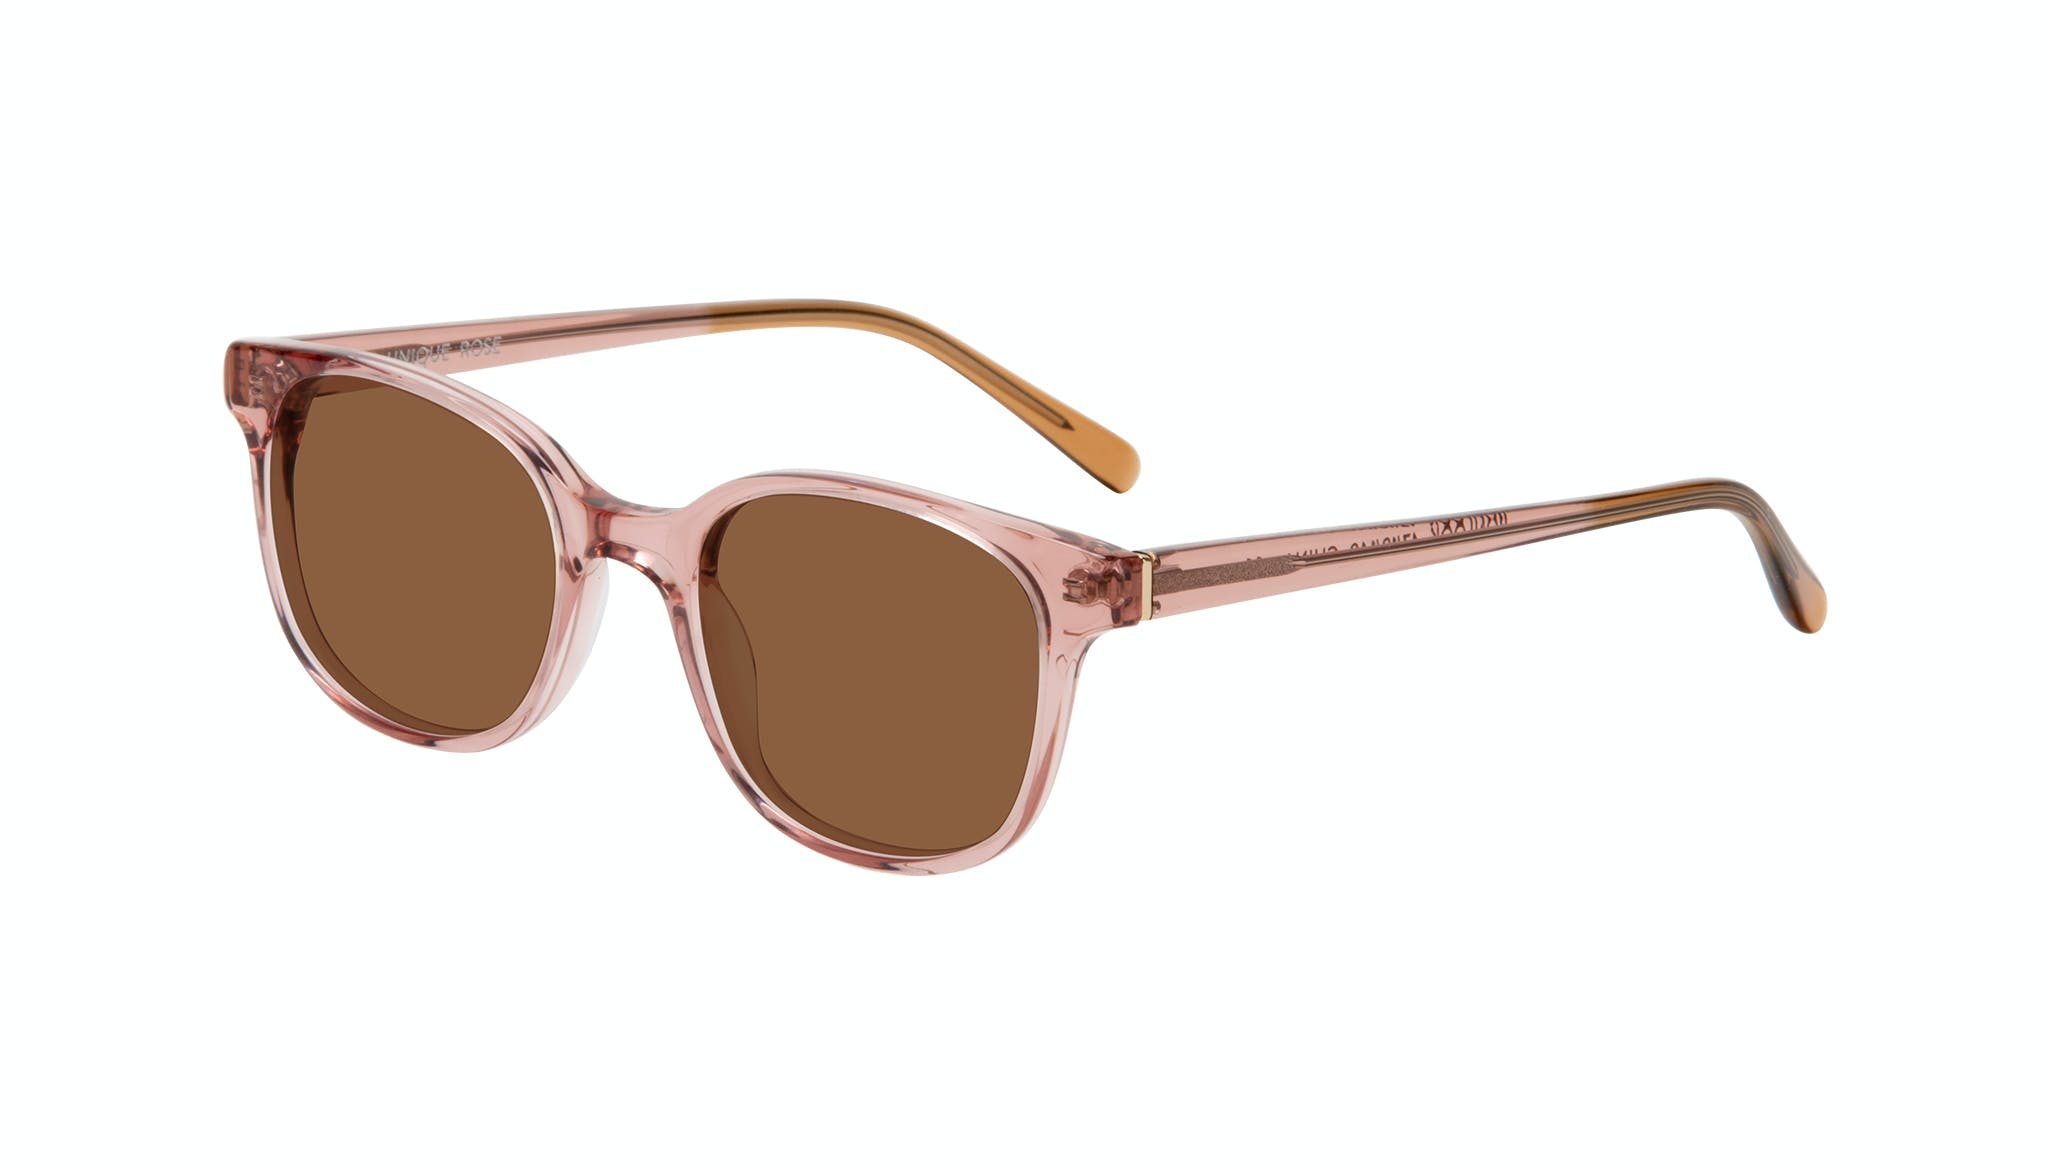 Affordable Fashion Glasses Square Sunglasses Women Unique Rose Tilt